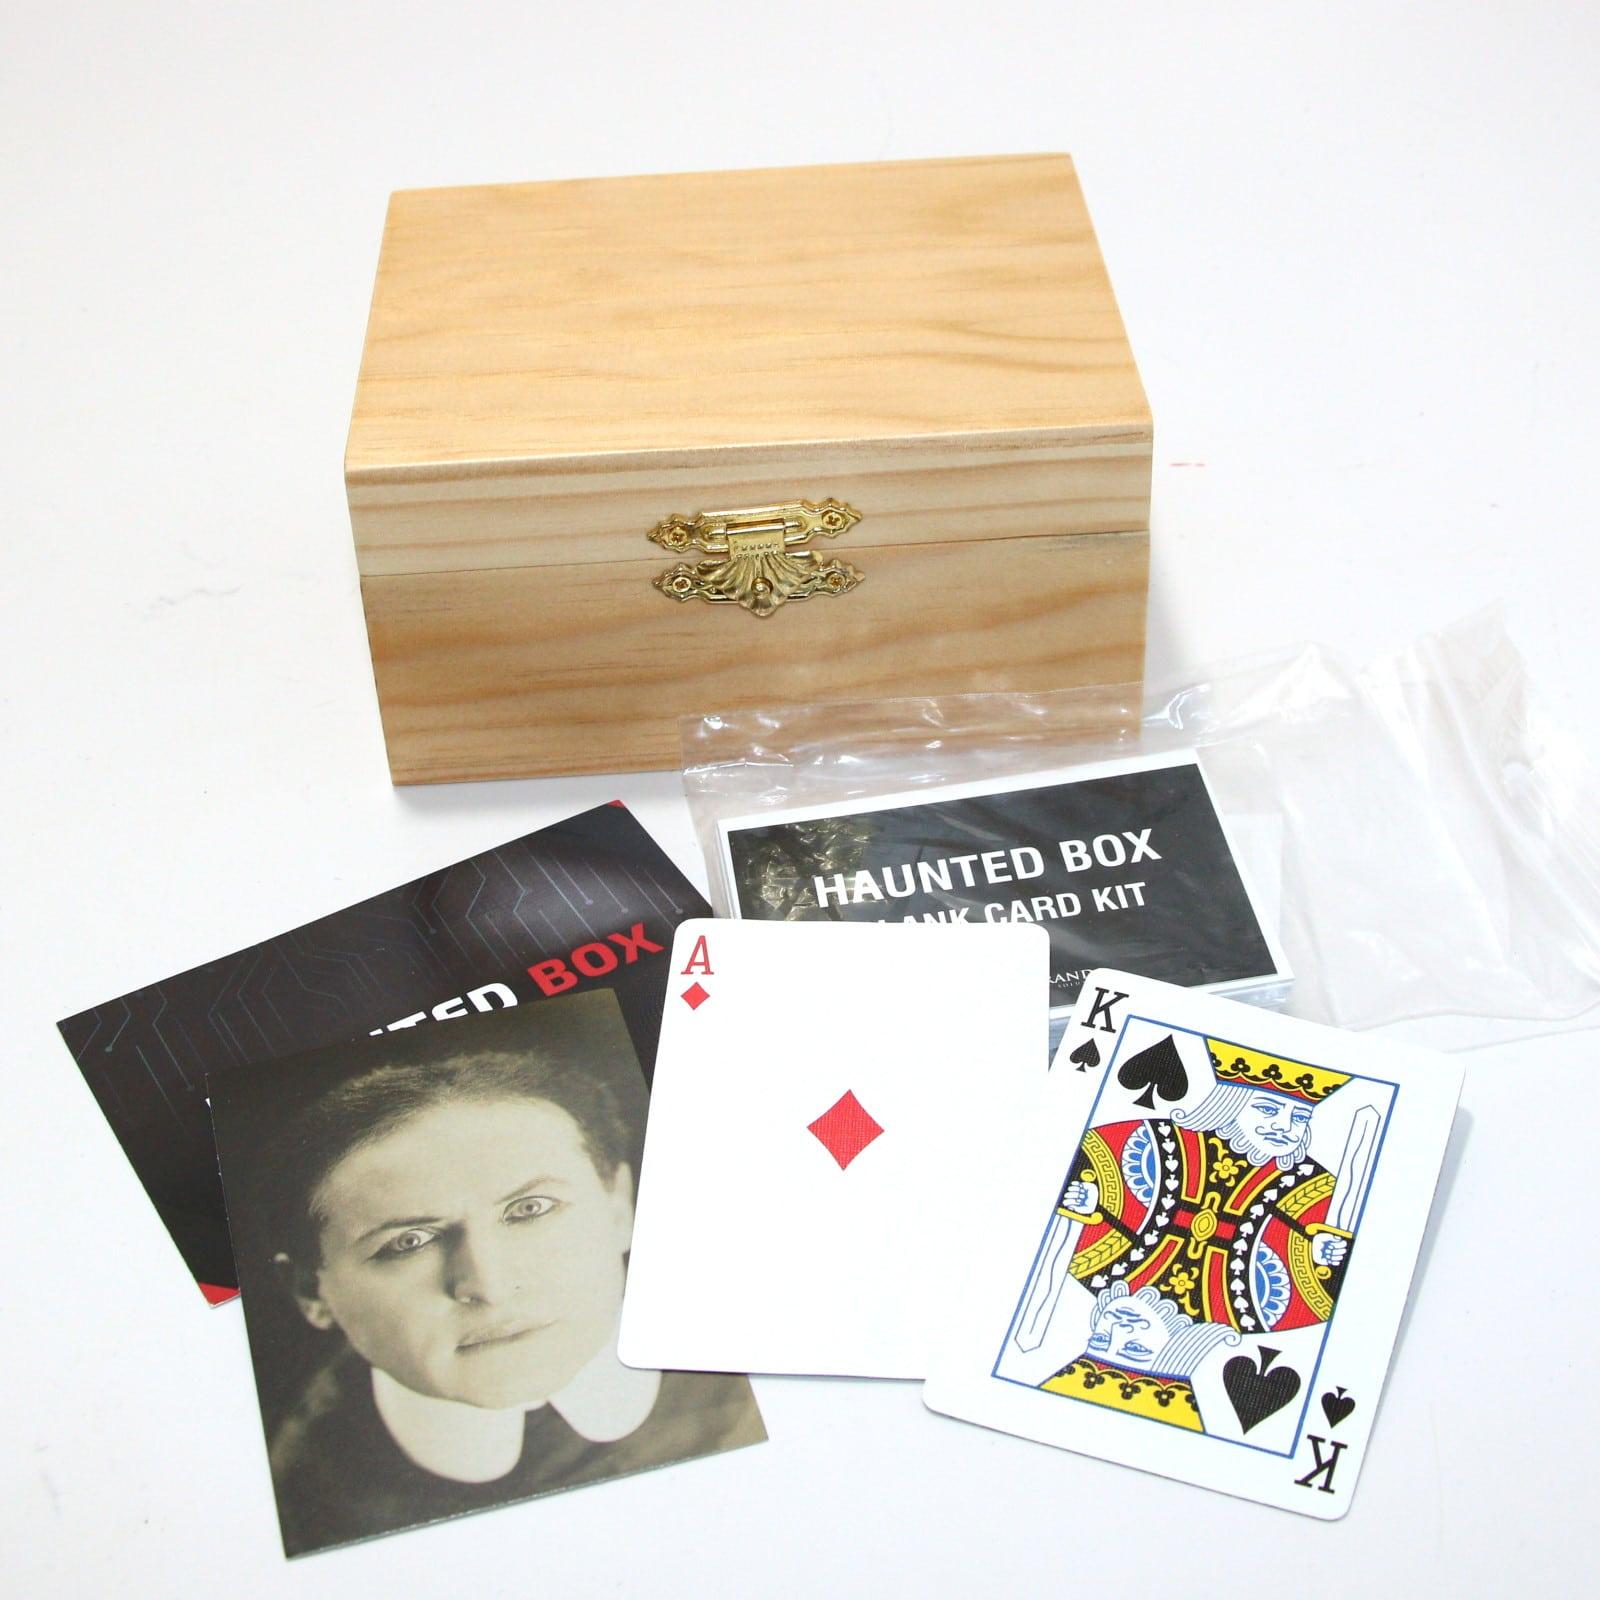 joao miranda haunted box instructional video